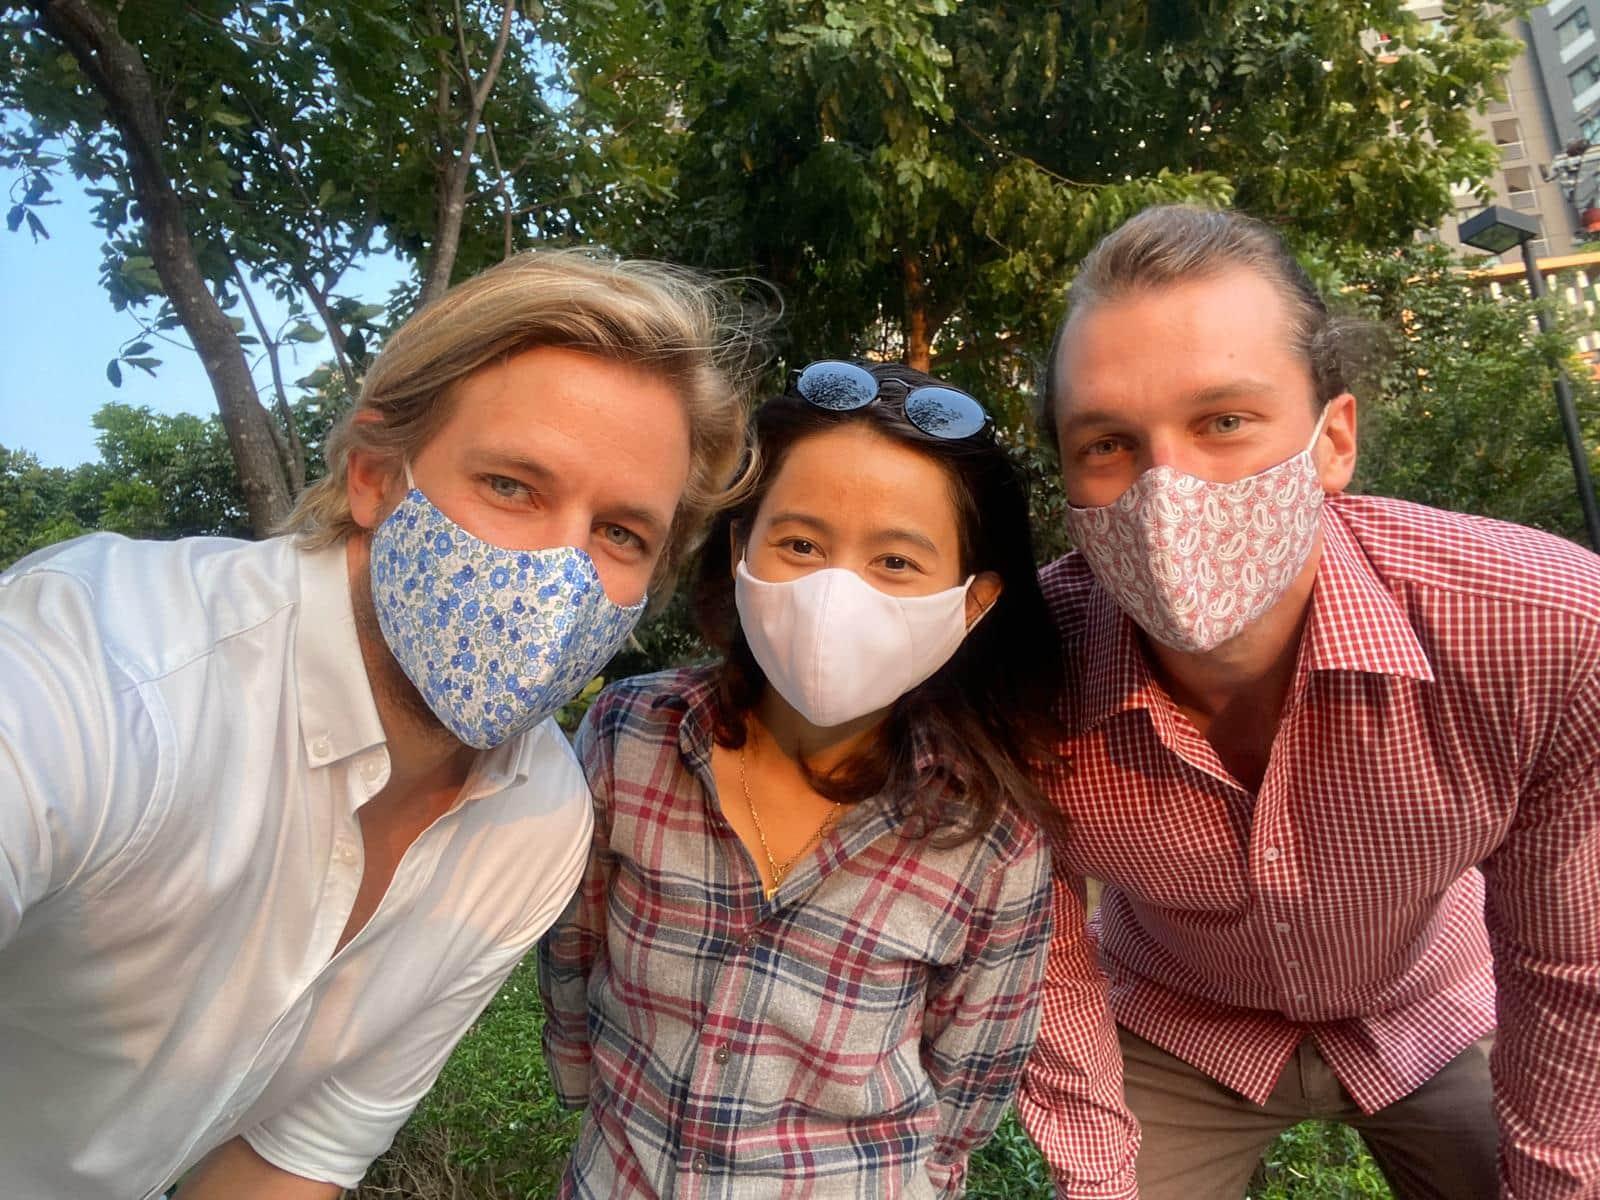 Ansteckquote senken und Mitmenschen schützen: Befeni bietet individuelle Gesichtsmasken